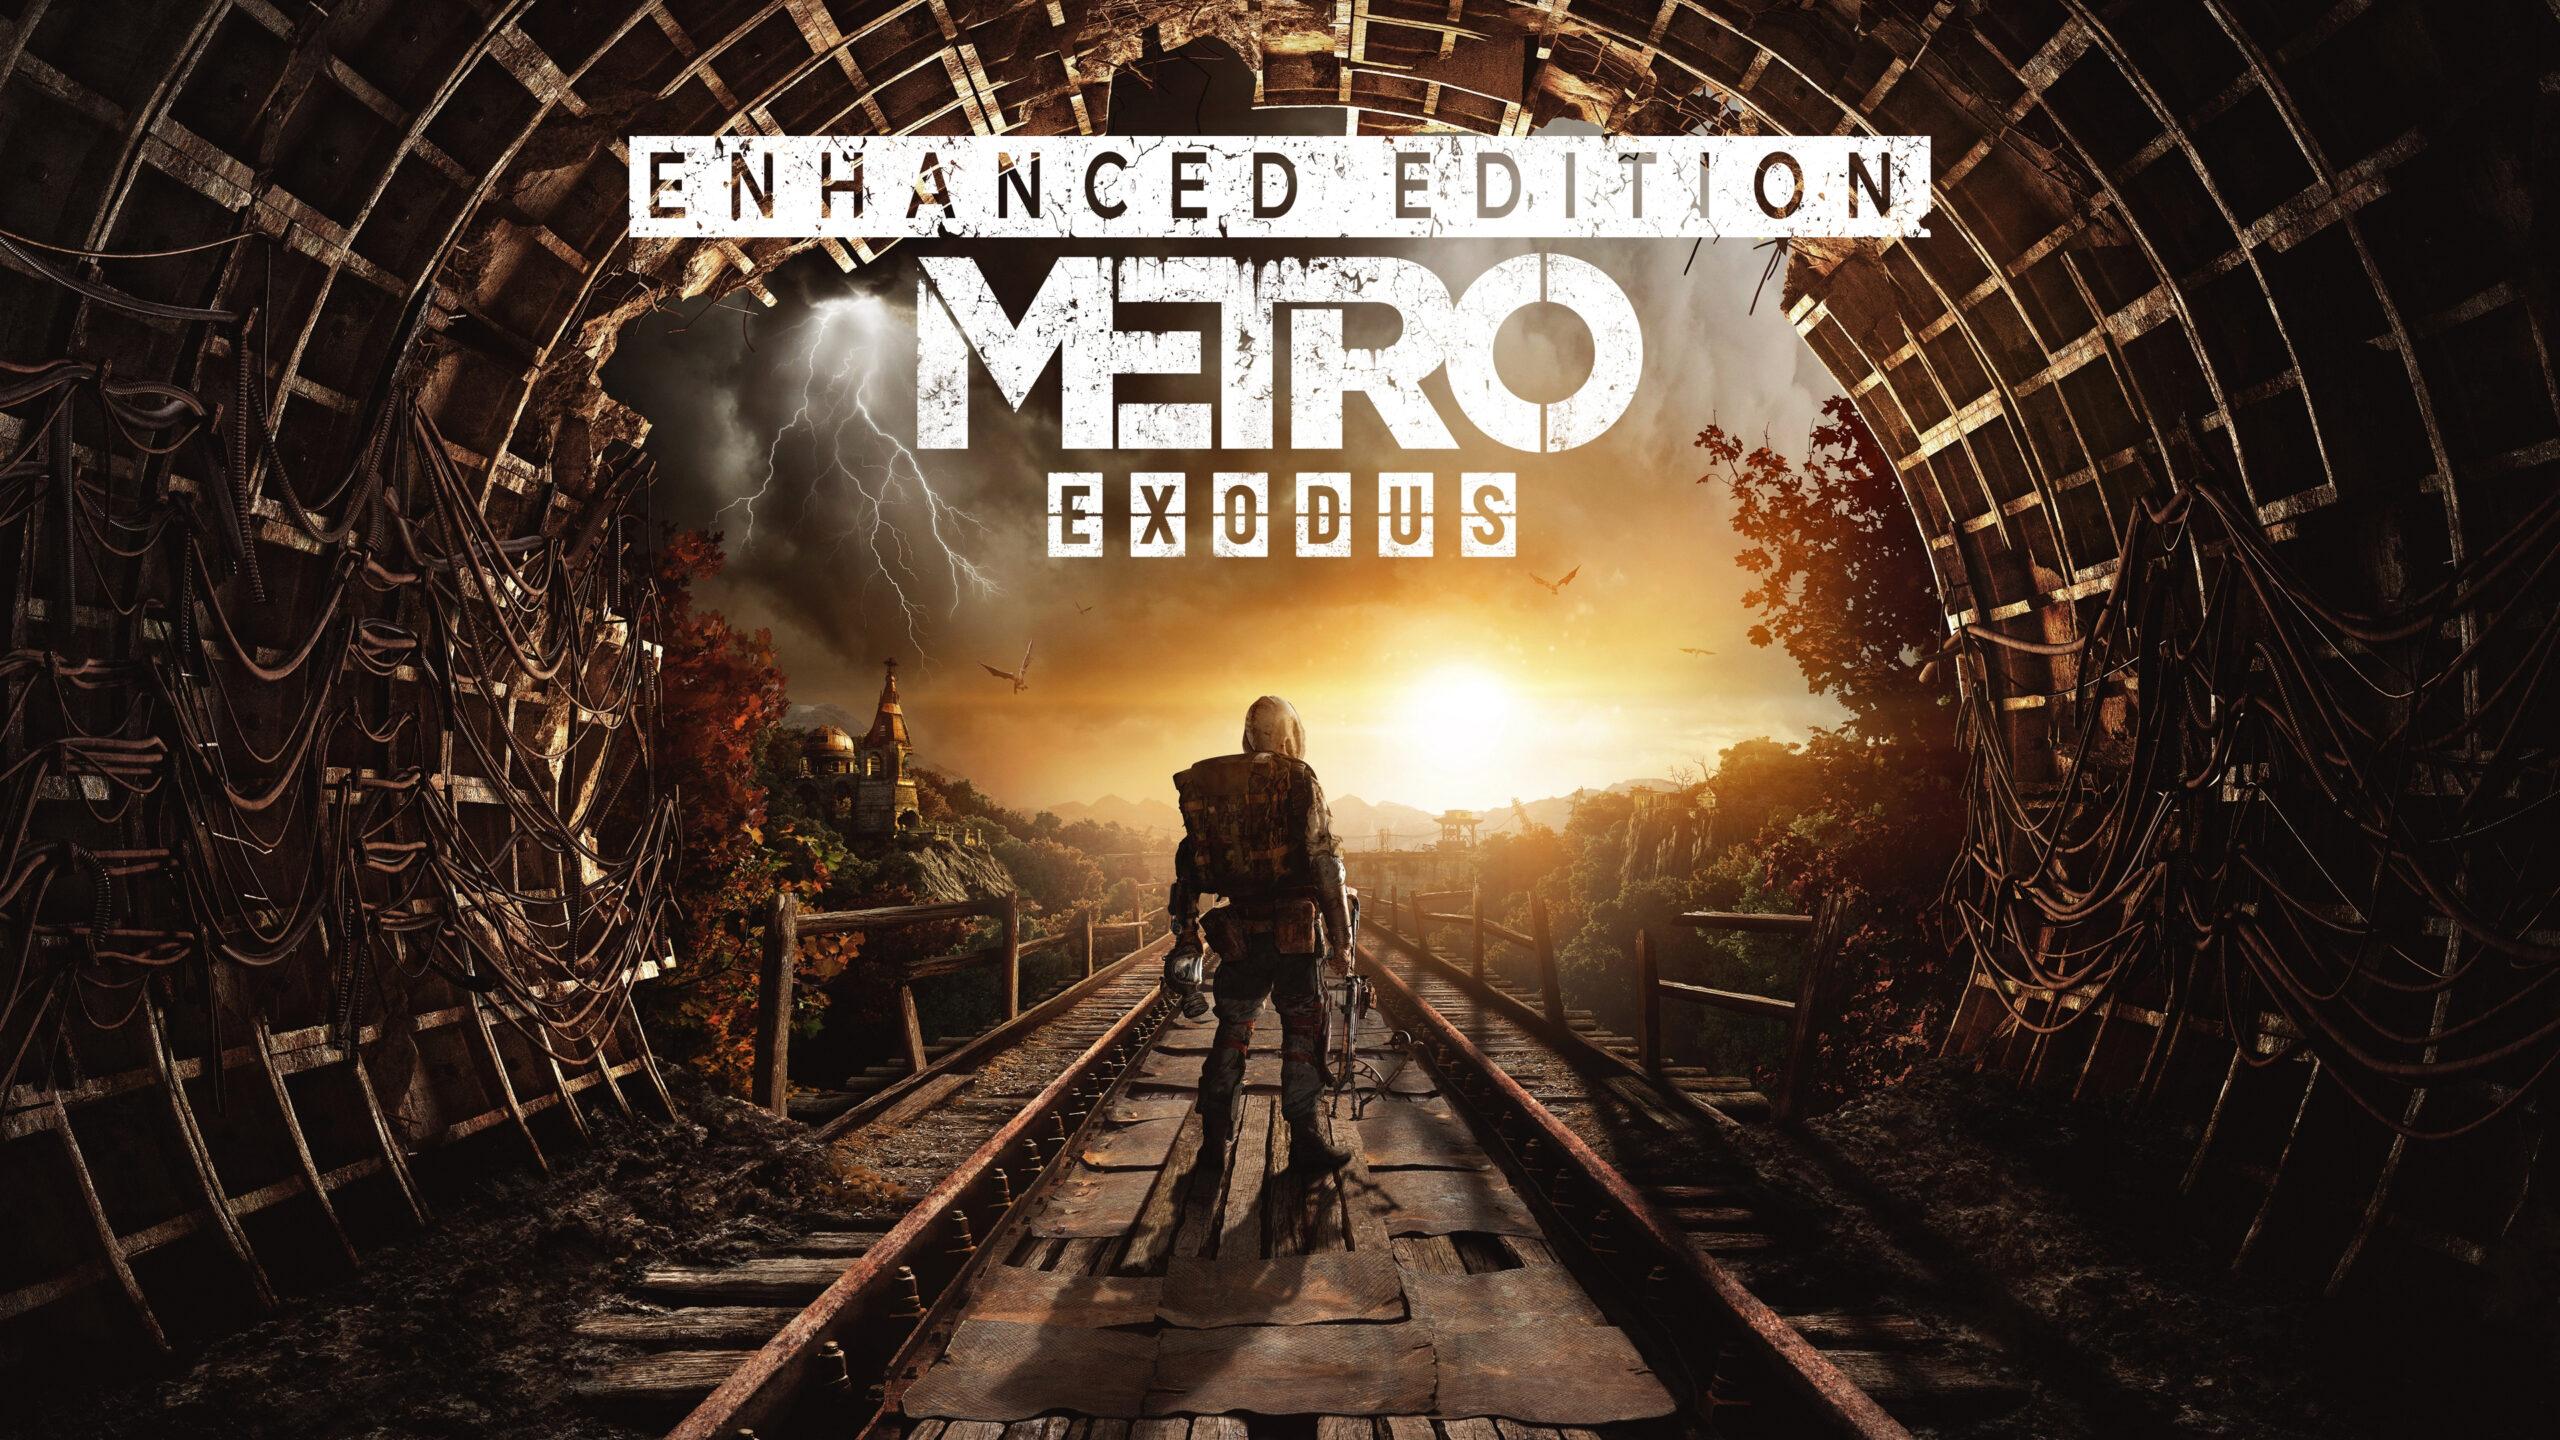 تاریخ انتشار Metro Exodus: Enhanced Edition برای Xbox Series X/S و PS5 اعلام شد